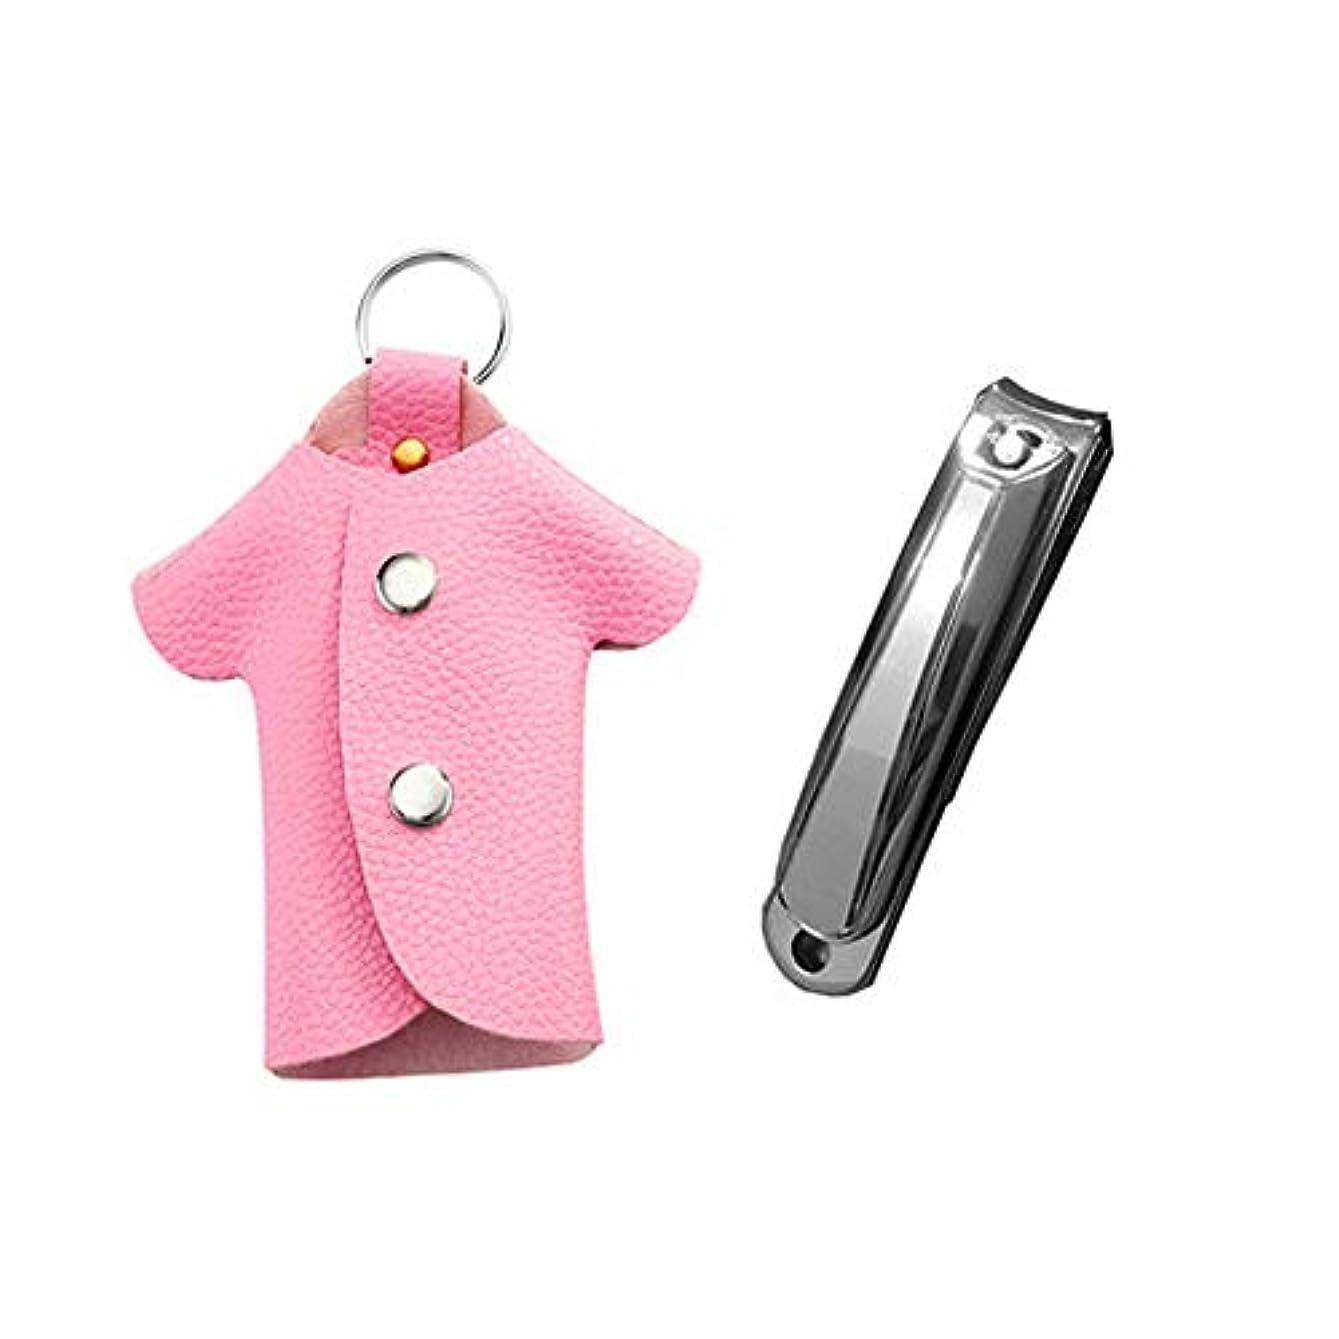 作ります宇宙枕かわいい爪切りクリエイティブ爪切り男女兼用爪切り、ピンク